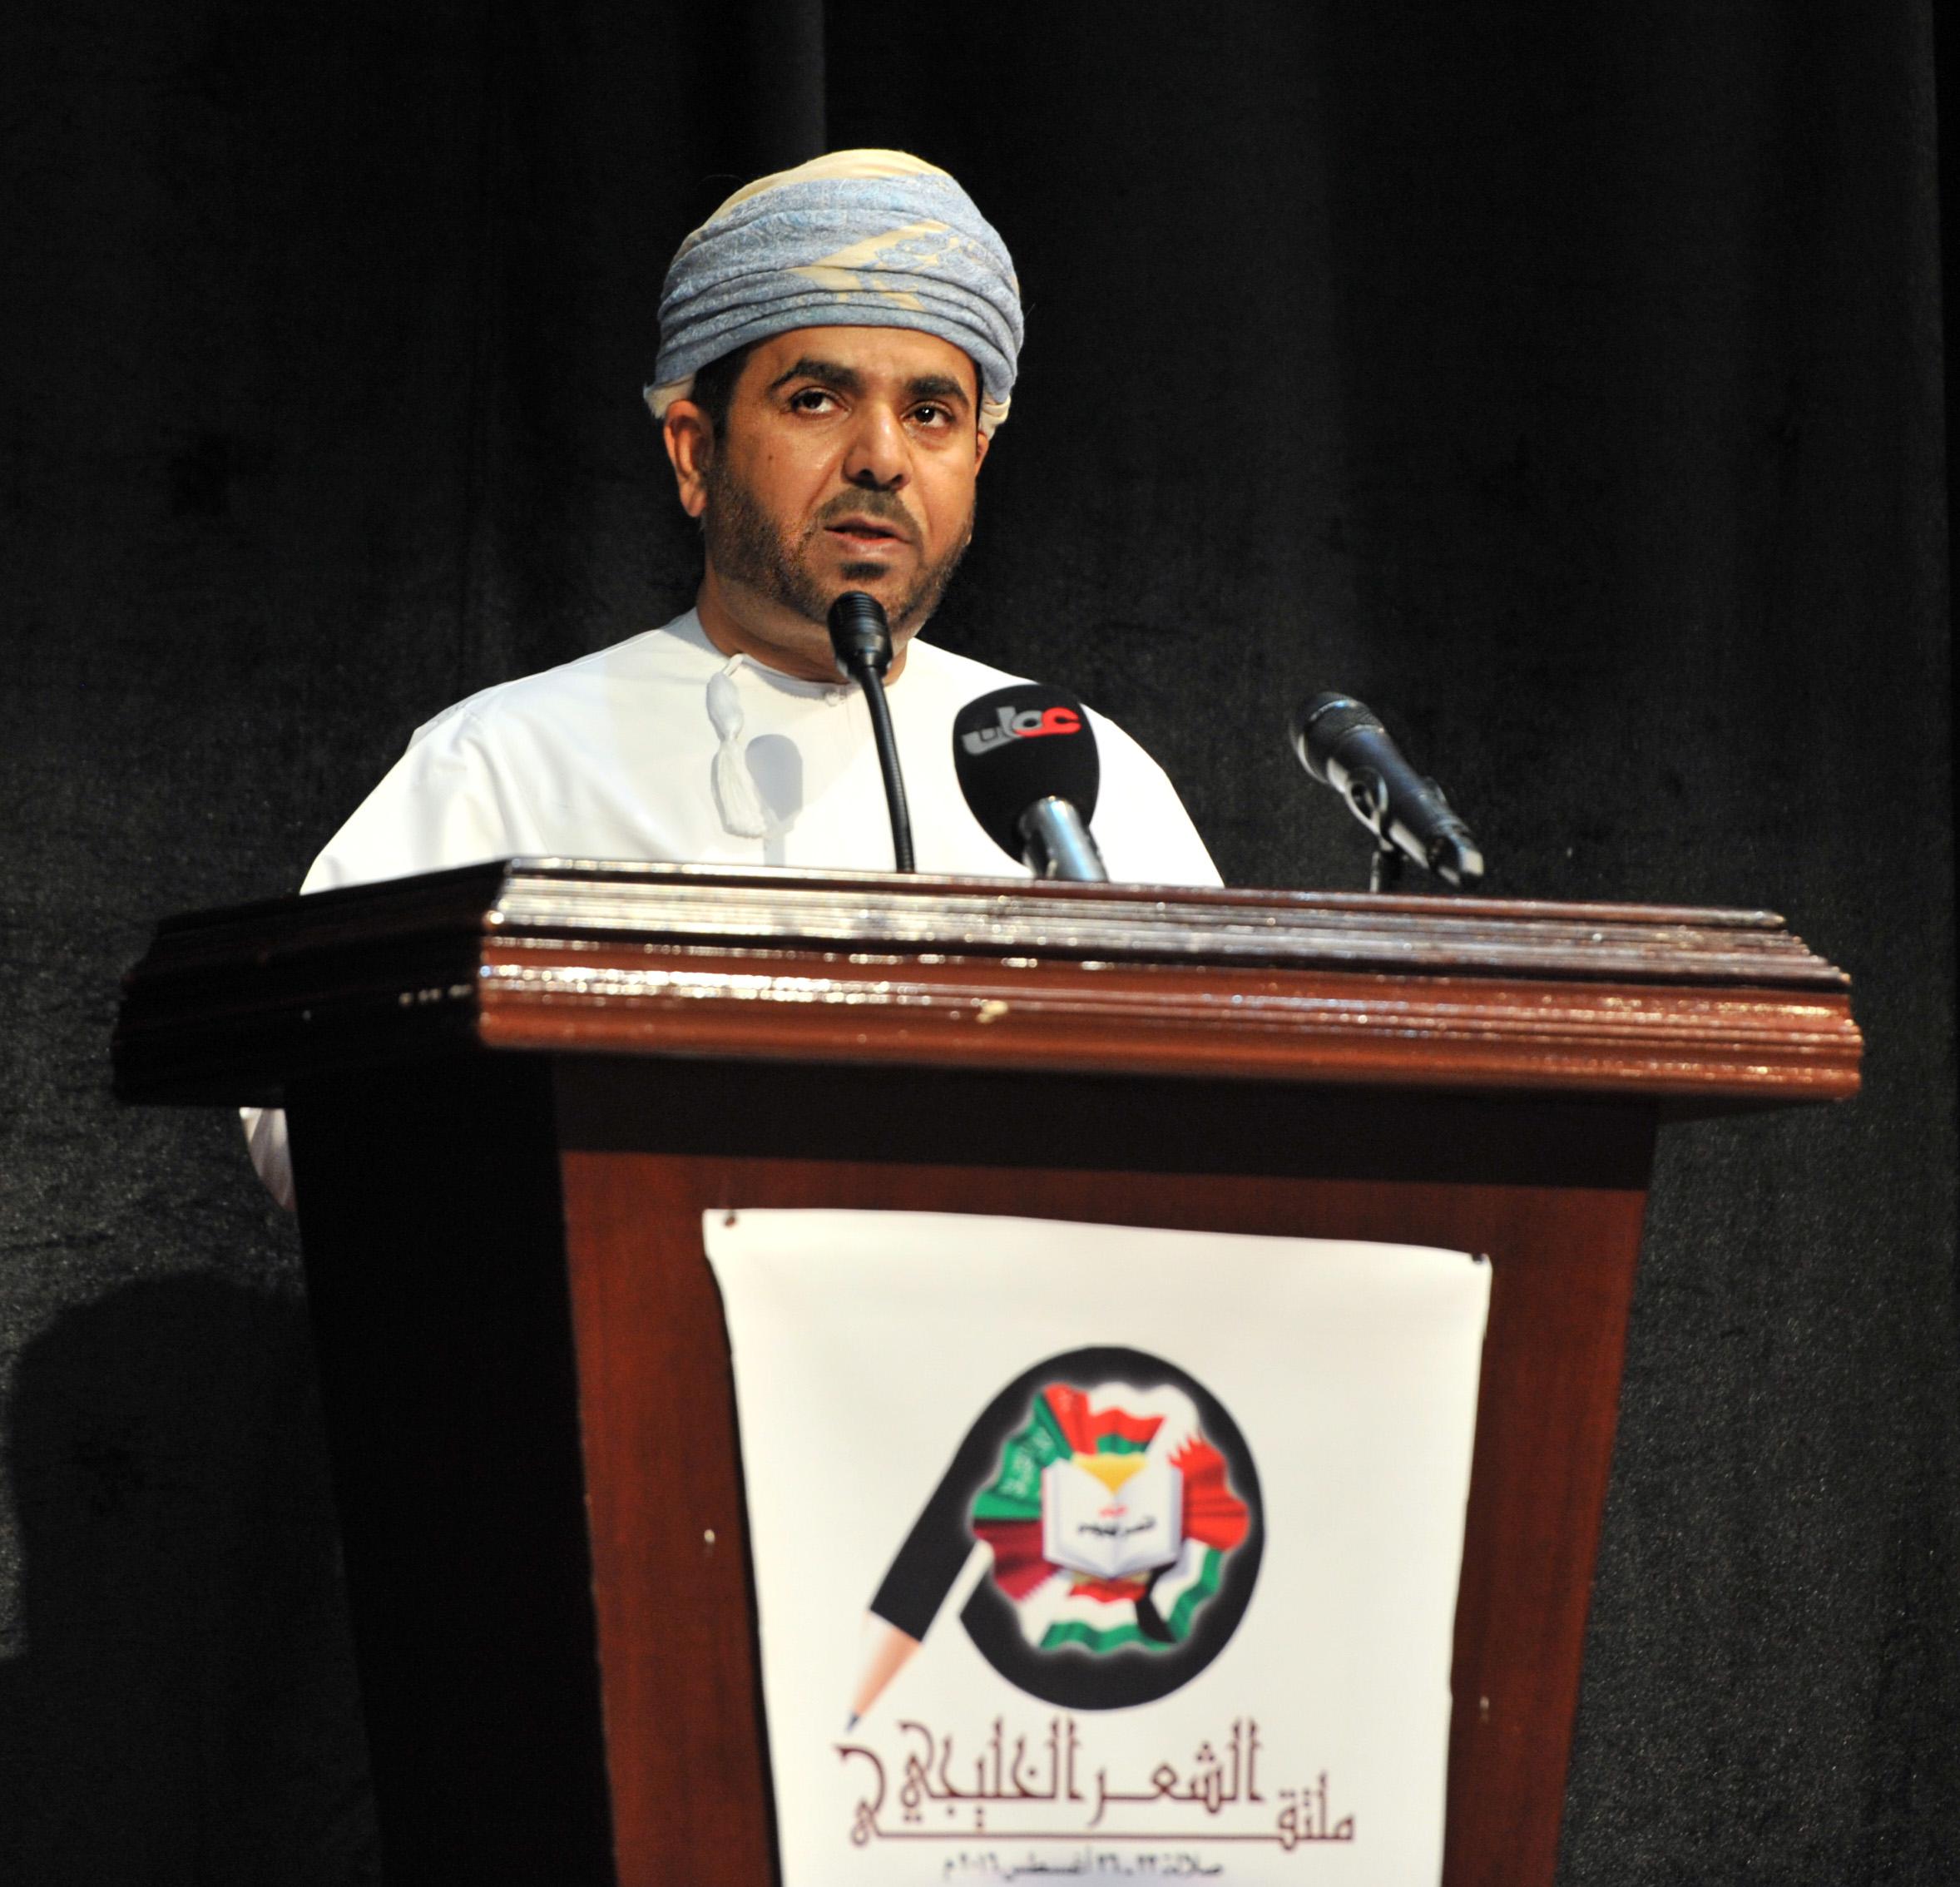 افتتاح فعاليات ملتقى الشعر الخليجي بمحافظة ظفار